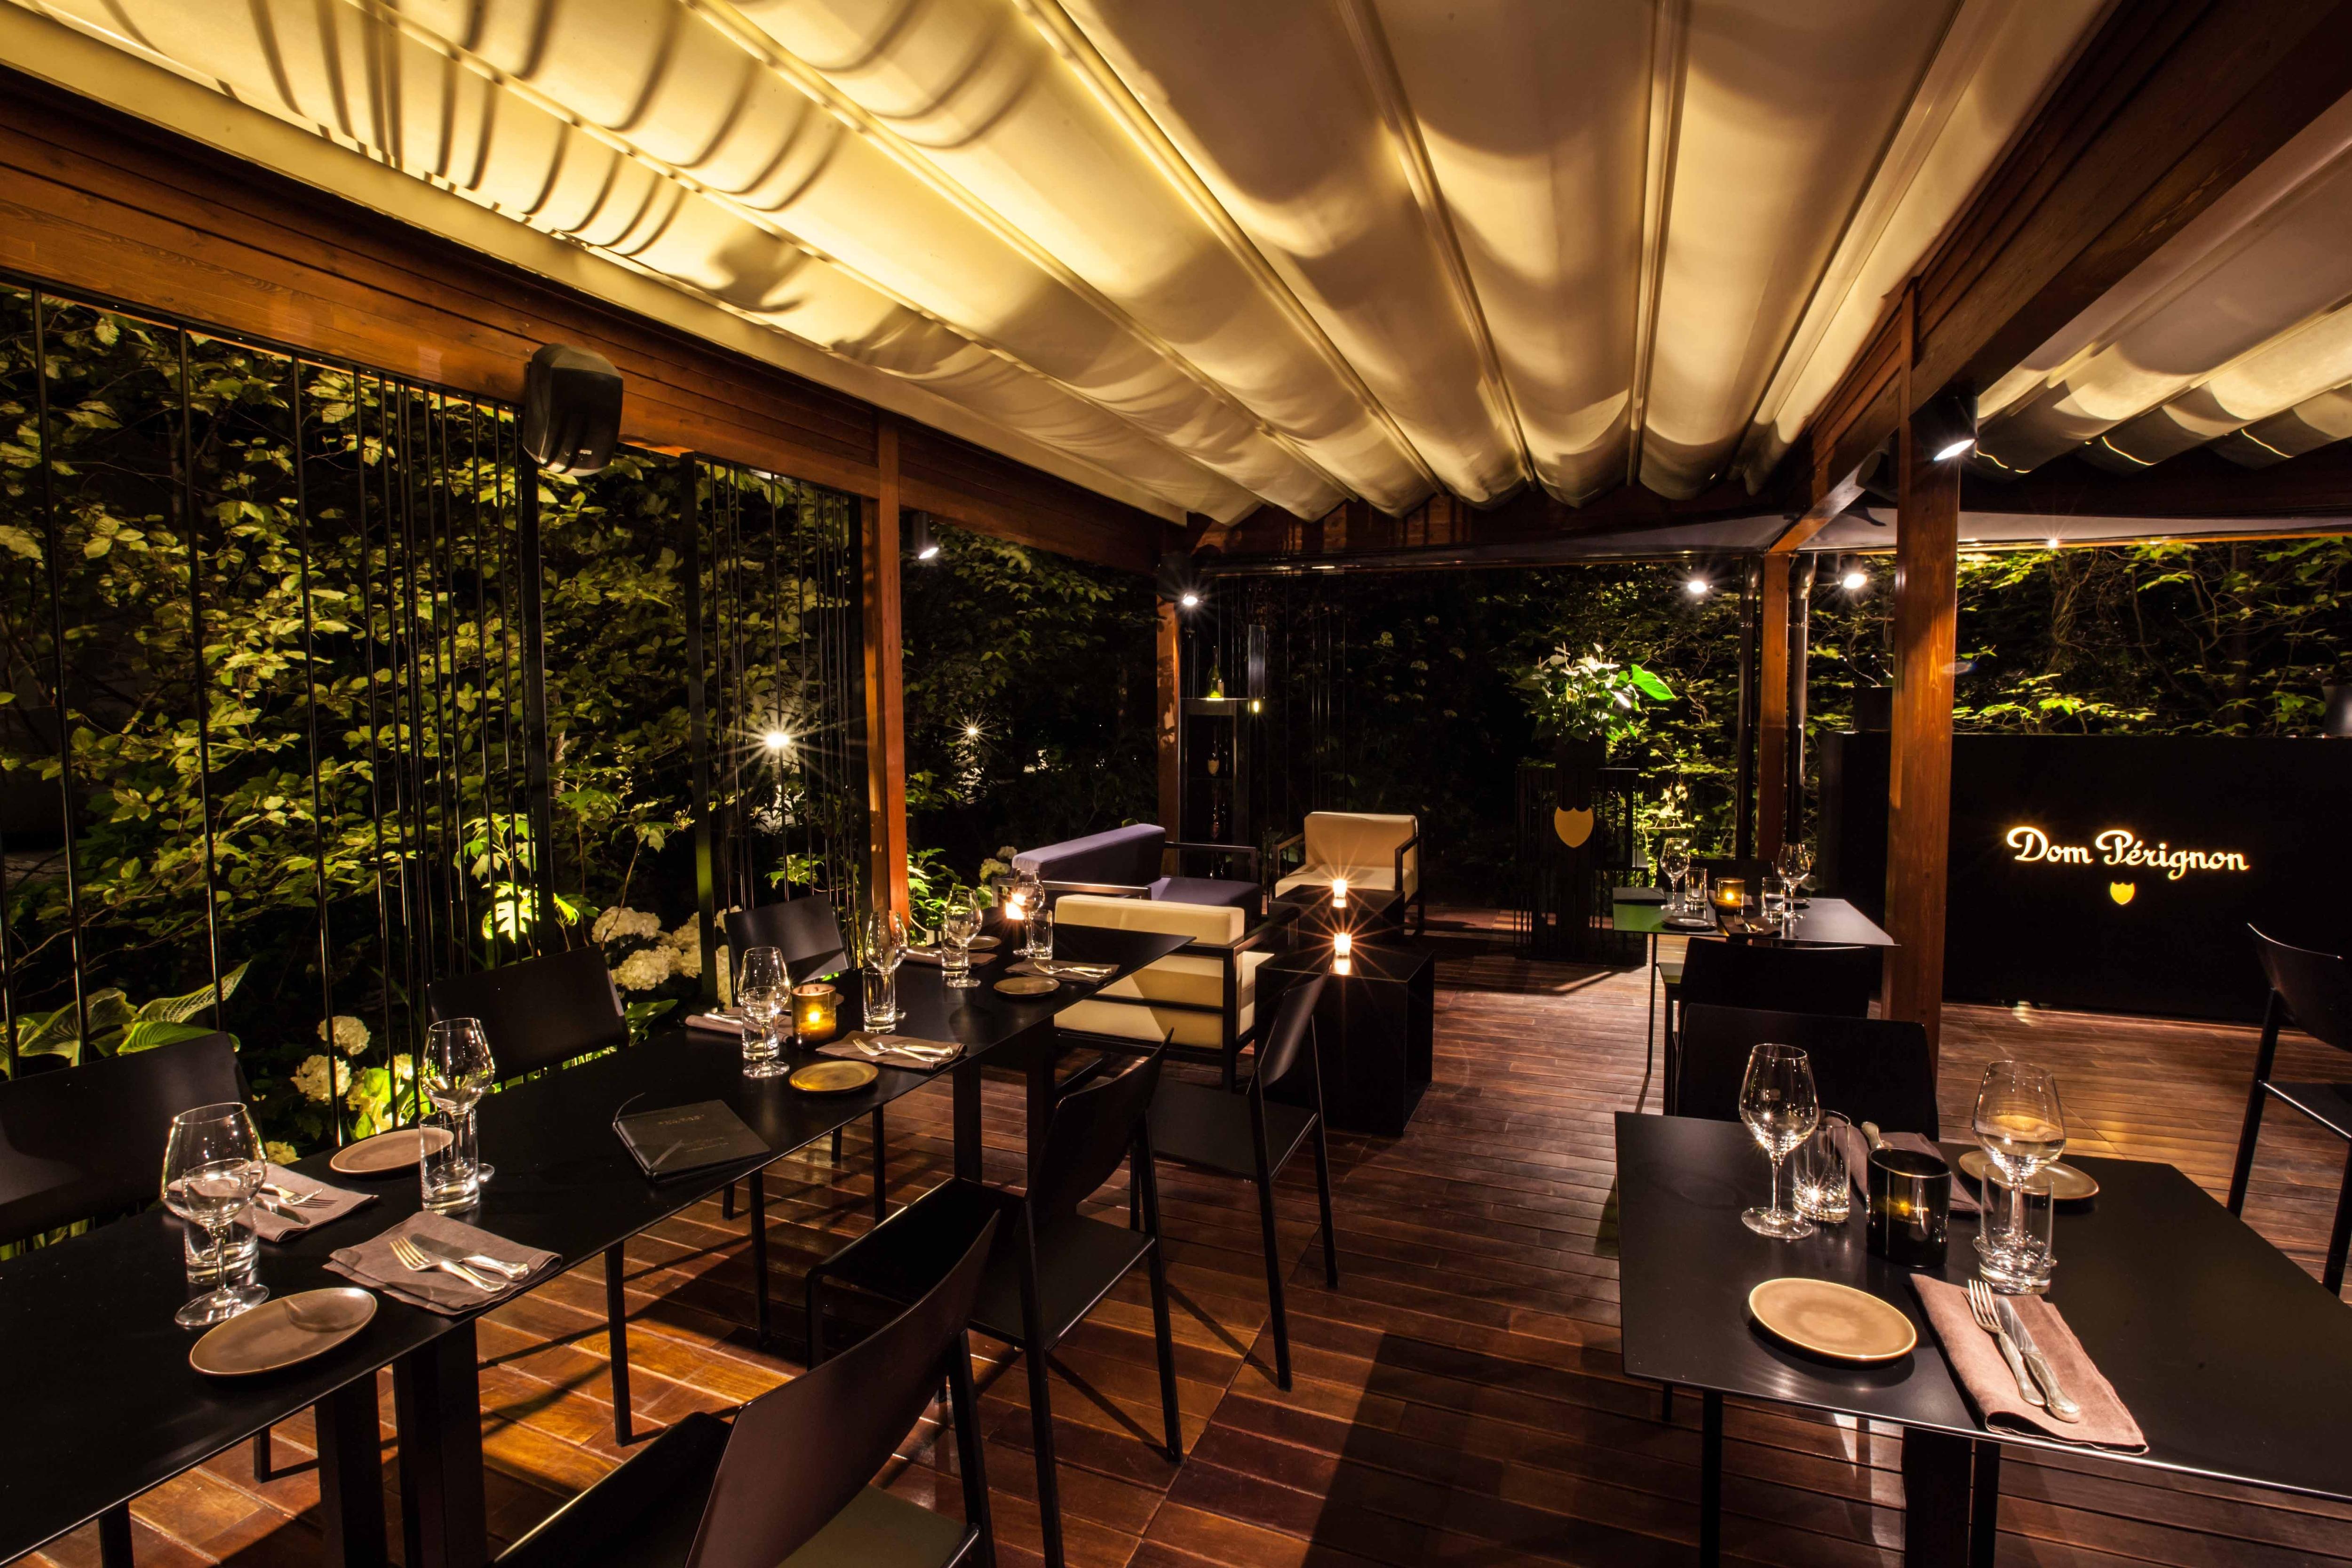 Dom Pérignon Lounge & Raw Bar nel giardino dell'Hotel ...